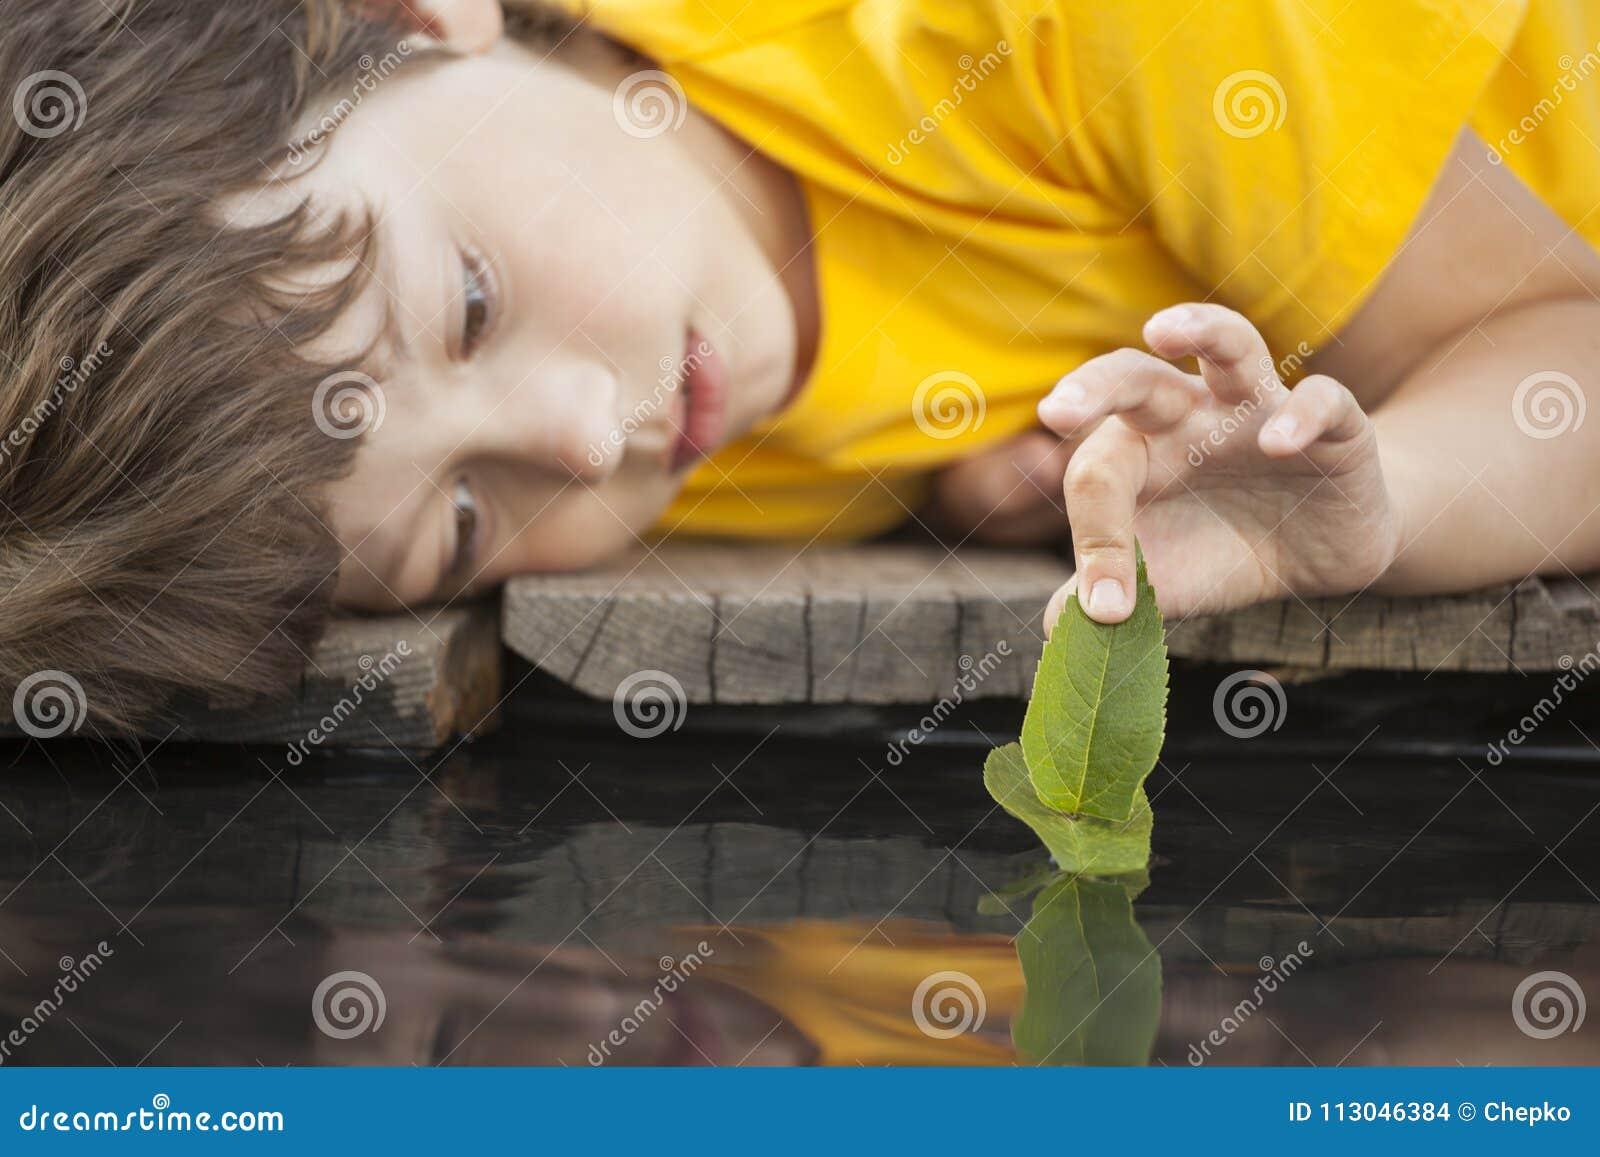 Hoja-nave verde en mano de los niños en el agua, muchacho en juego del parque con